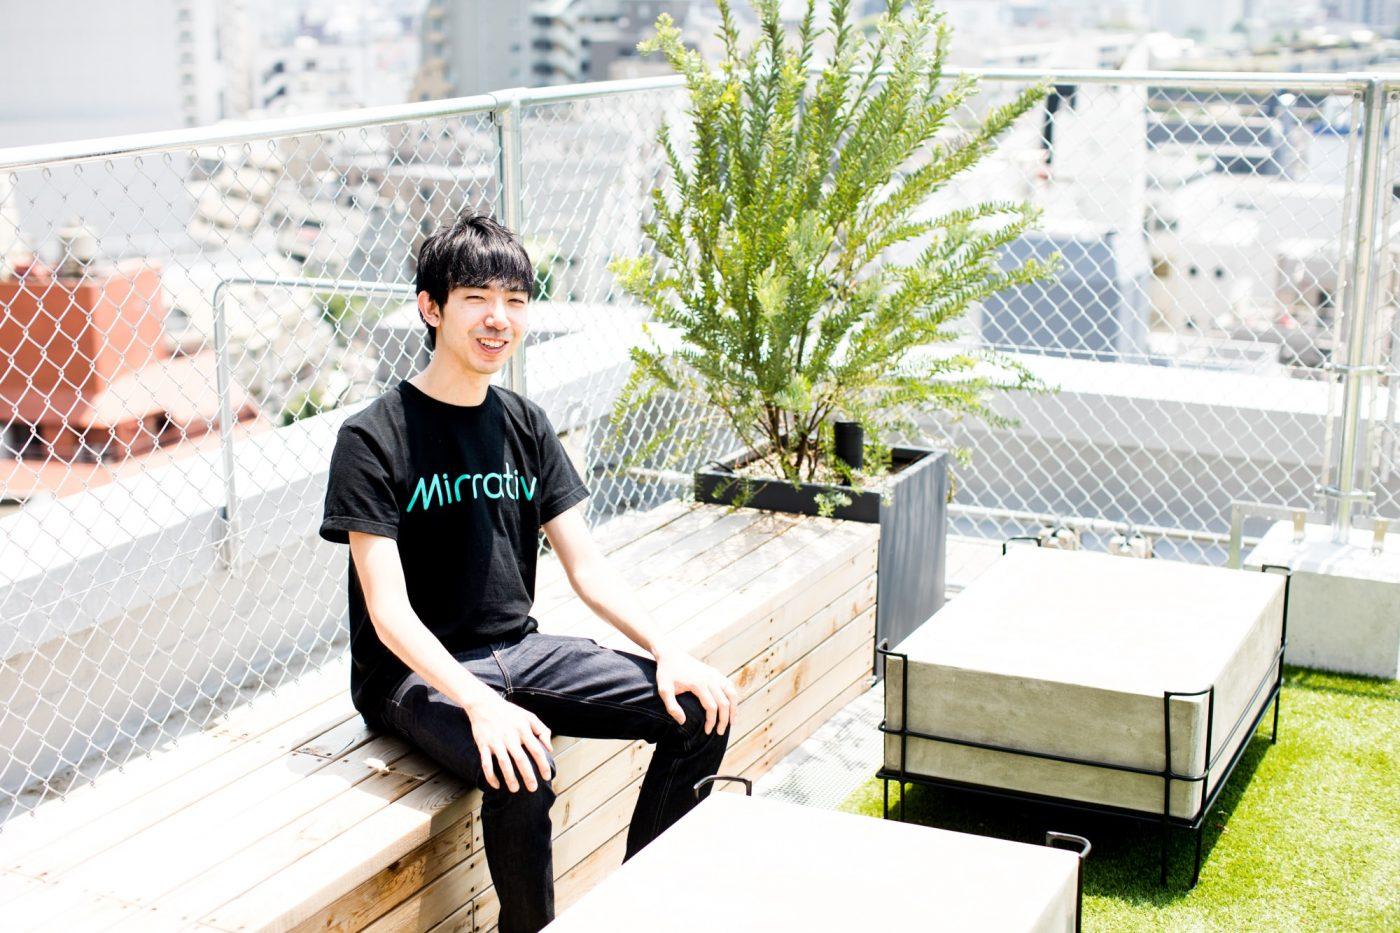 ミラティブ代表取締役CEOの赤川隼一 元DeNA メッセージ